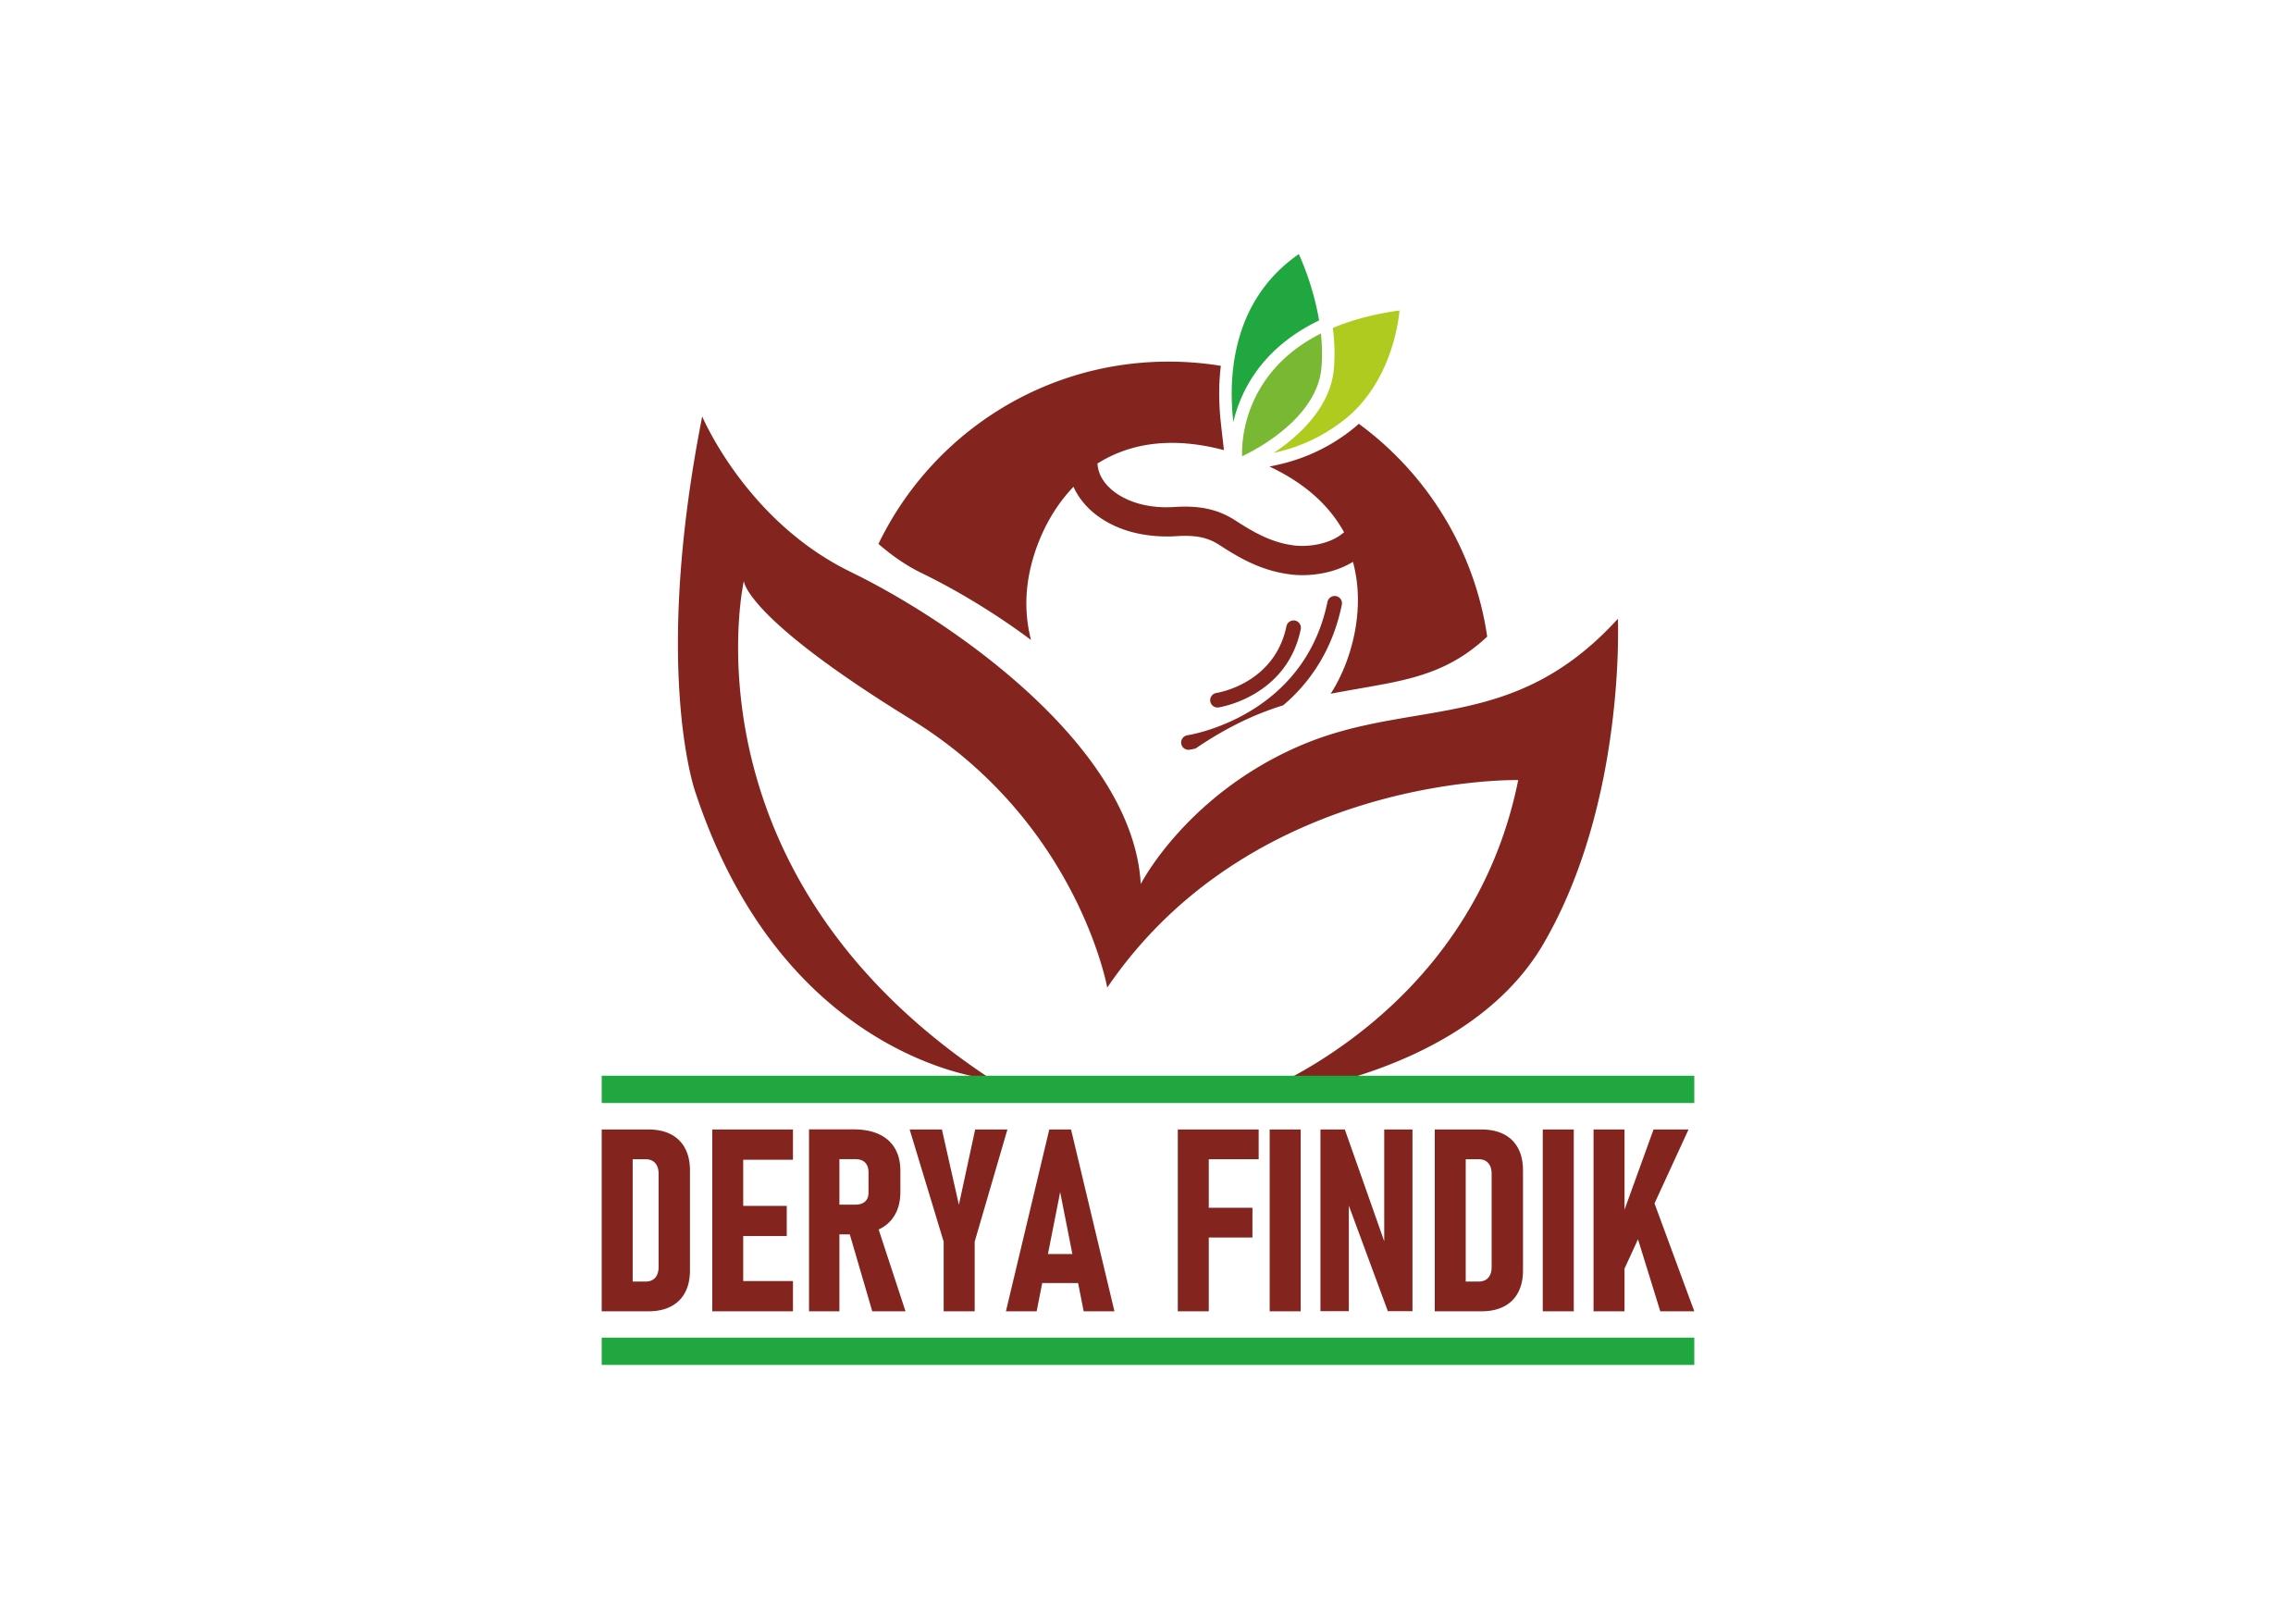 Boder Gıda Fındık Tarım Sanayi Ve Ticaret Ltd. Şti.